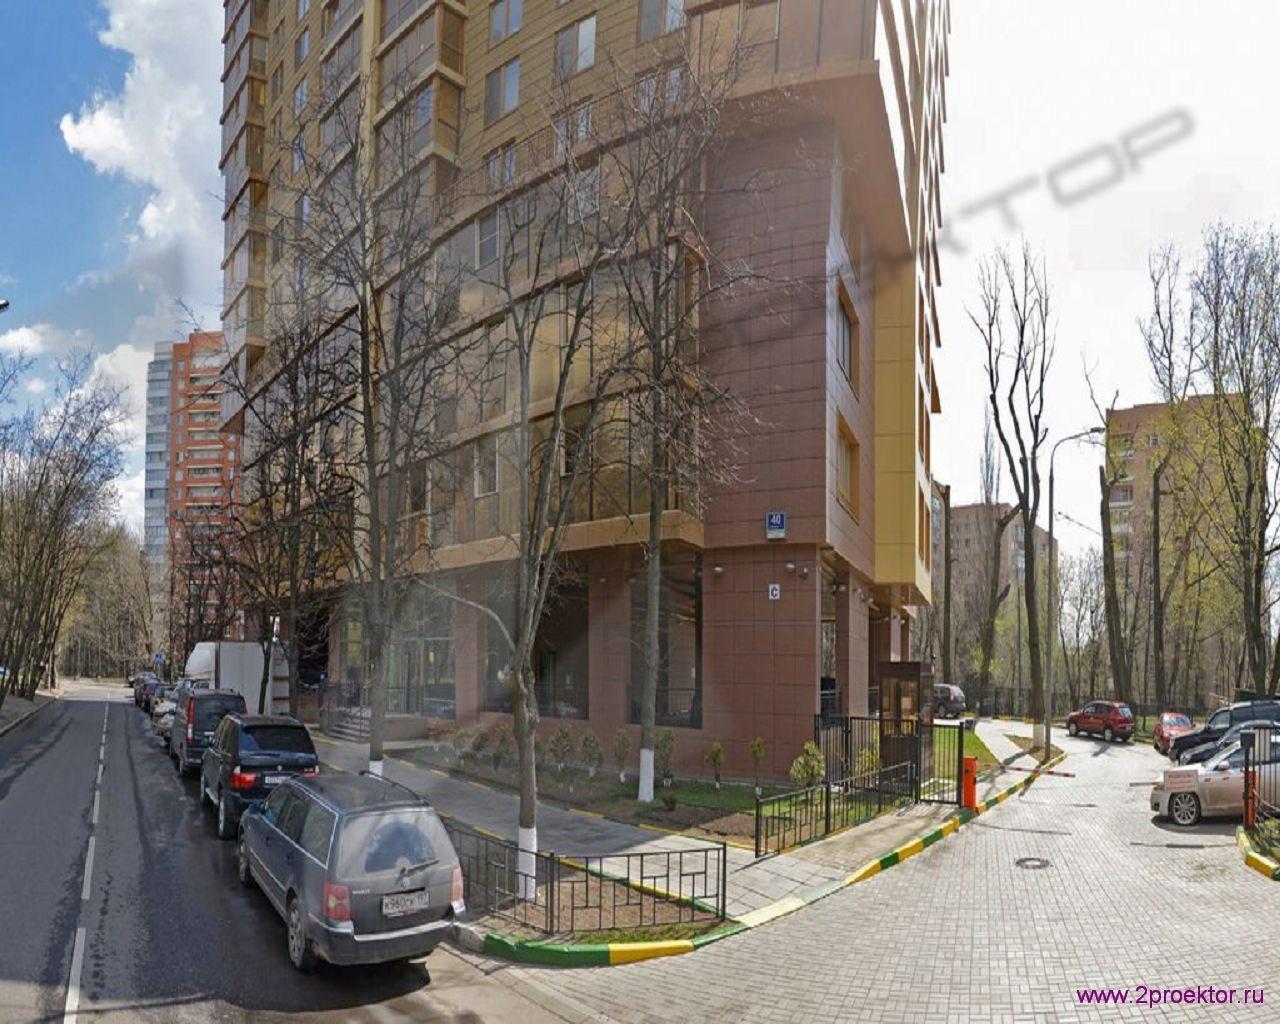 Вид со стороны улицы Жилого комплекса Суворов парк